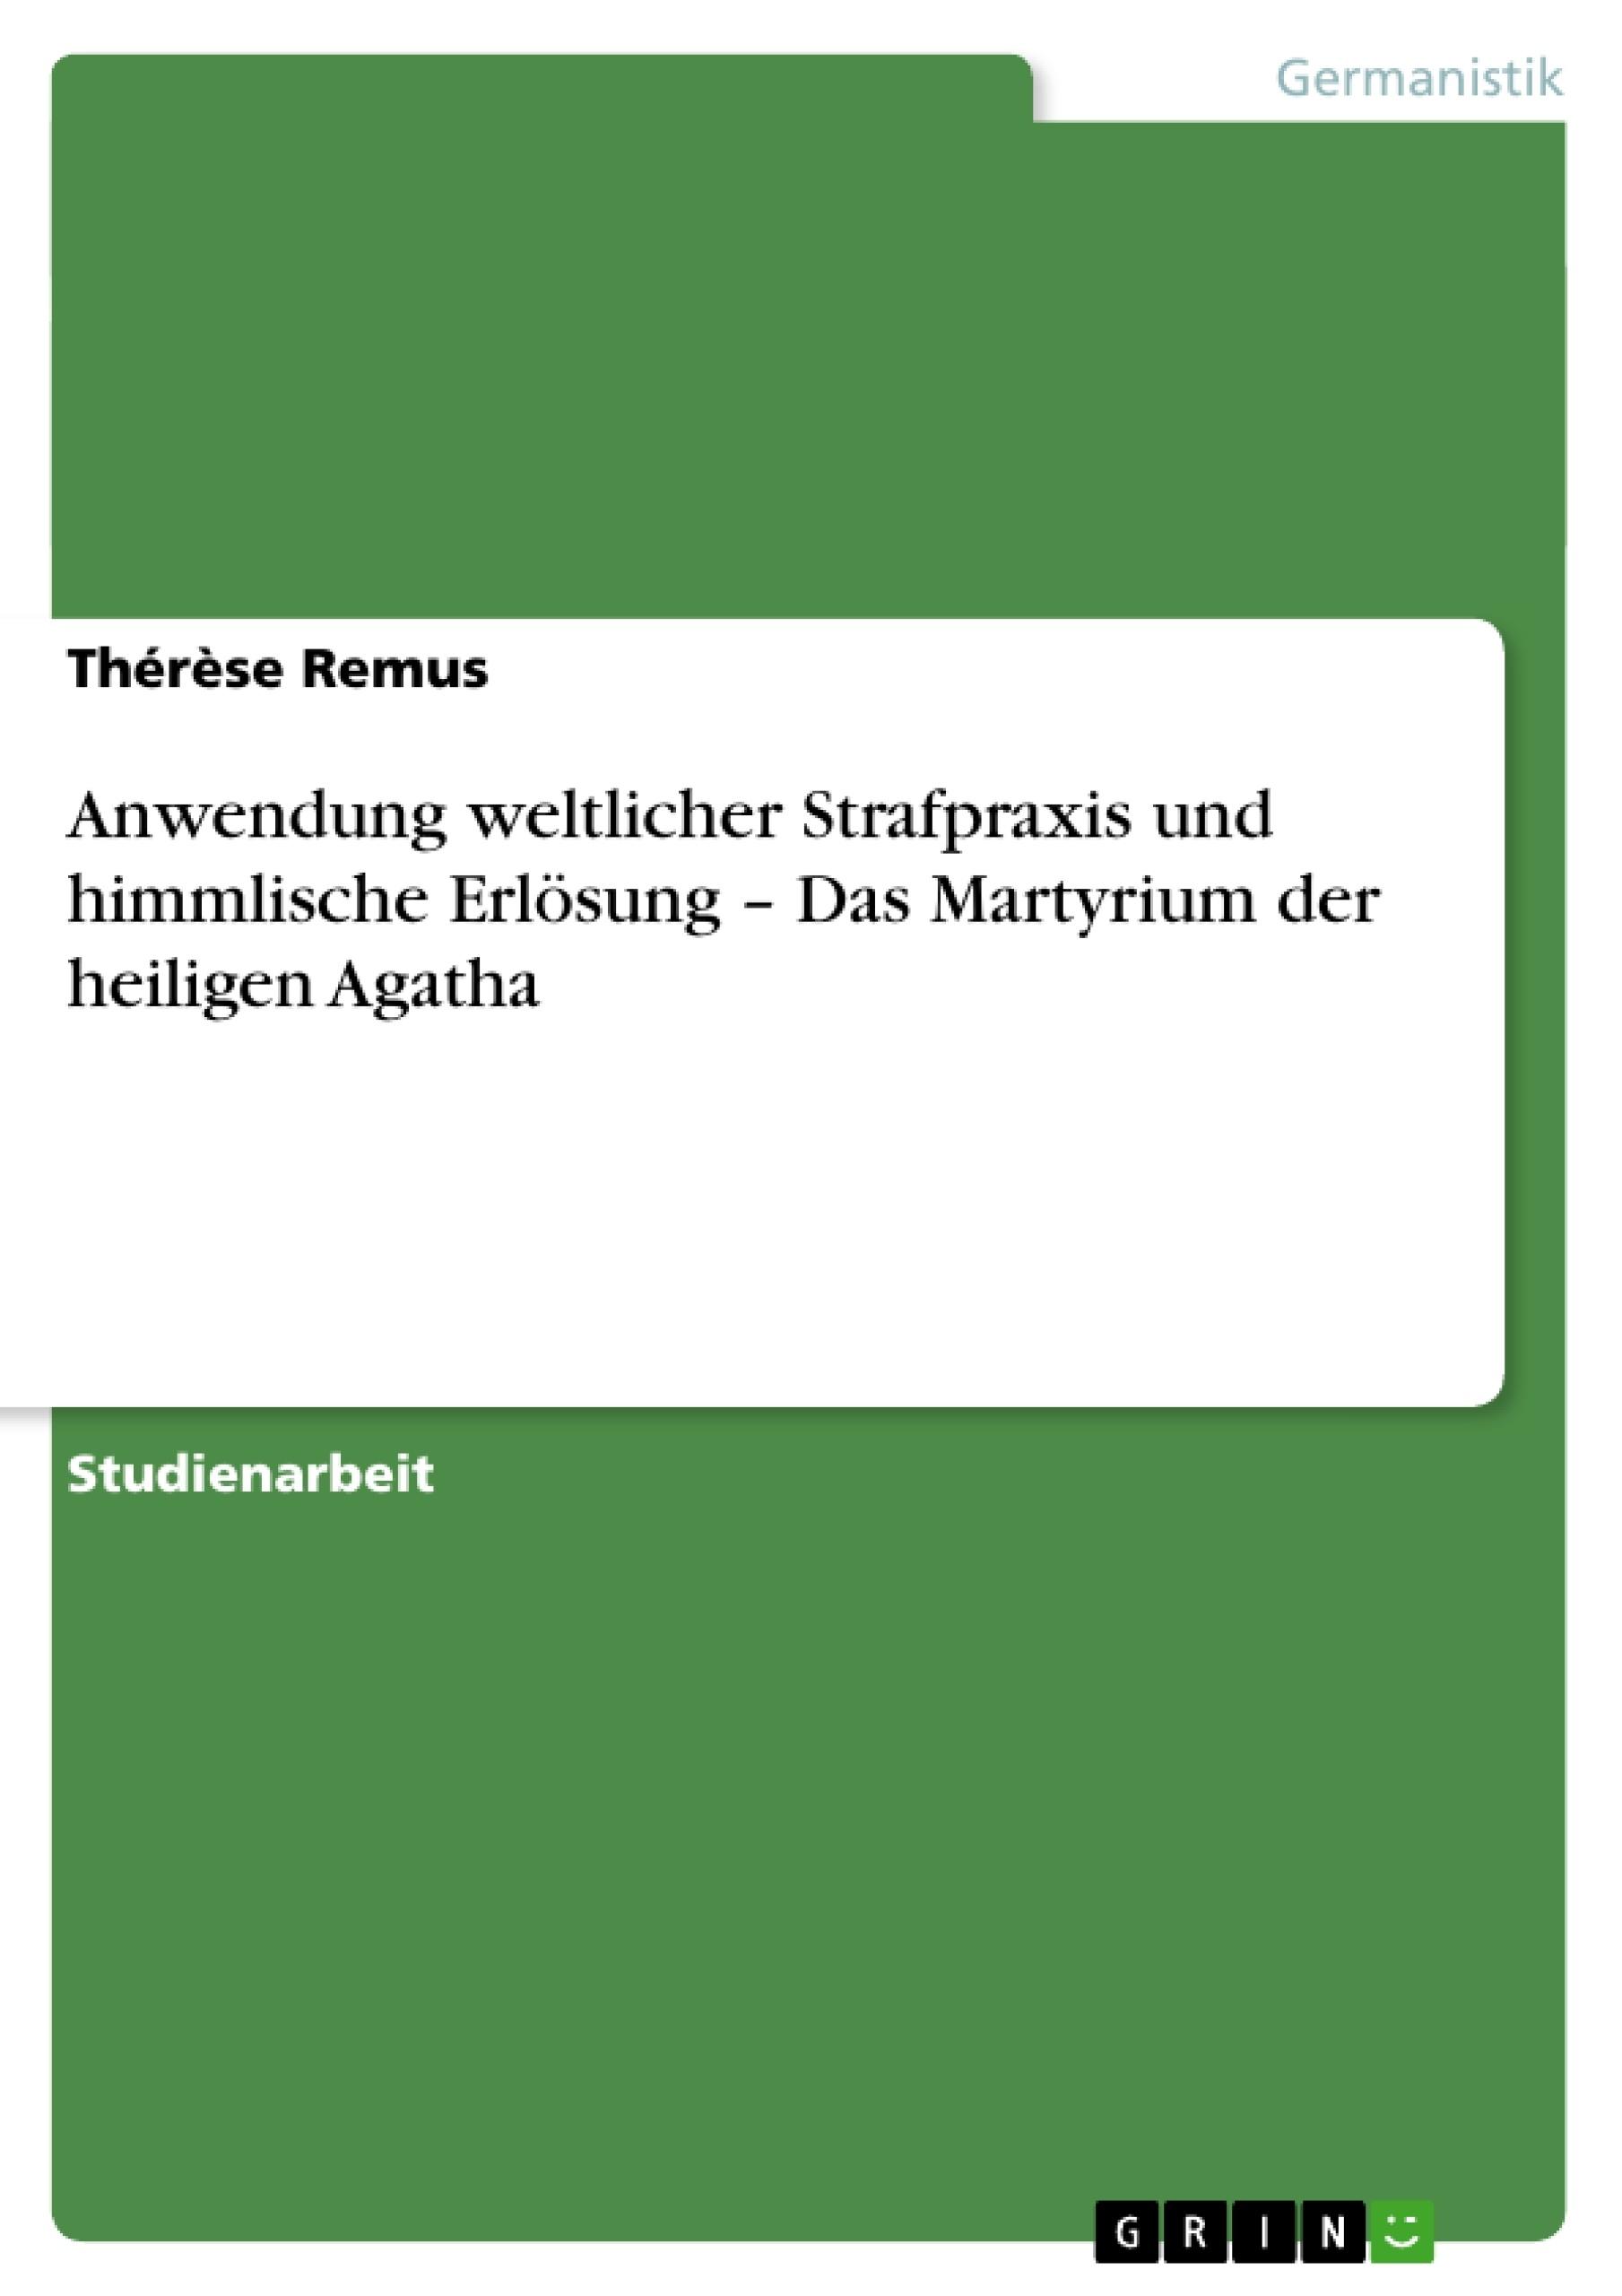 Titel: Anwendung weltlicher Strafpraxis und himmlische Erlösung – Das Martyrium der heiligen Agatha